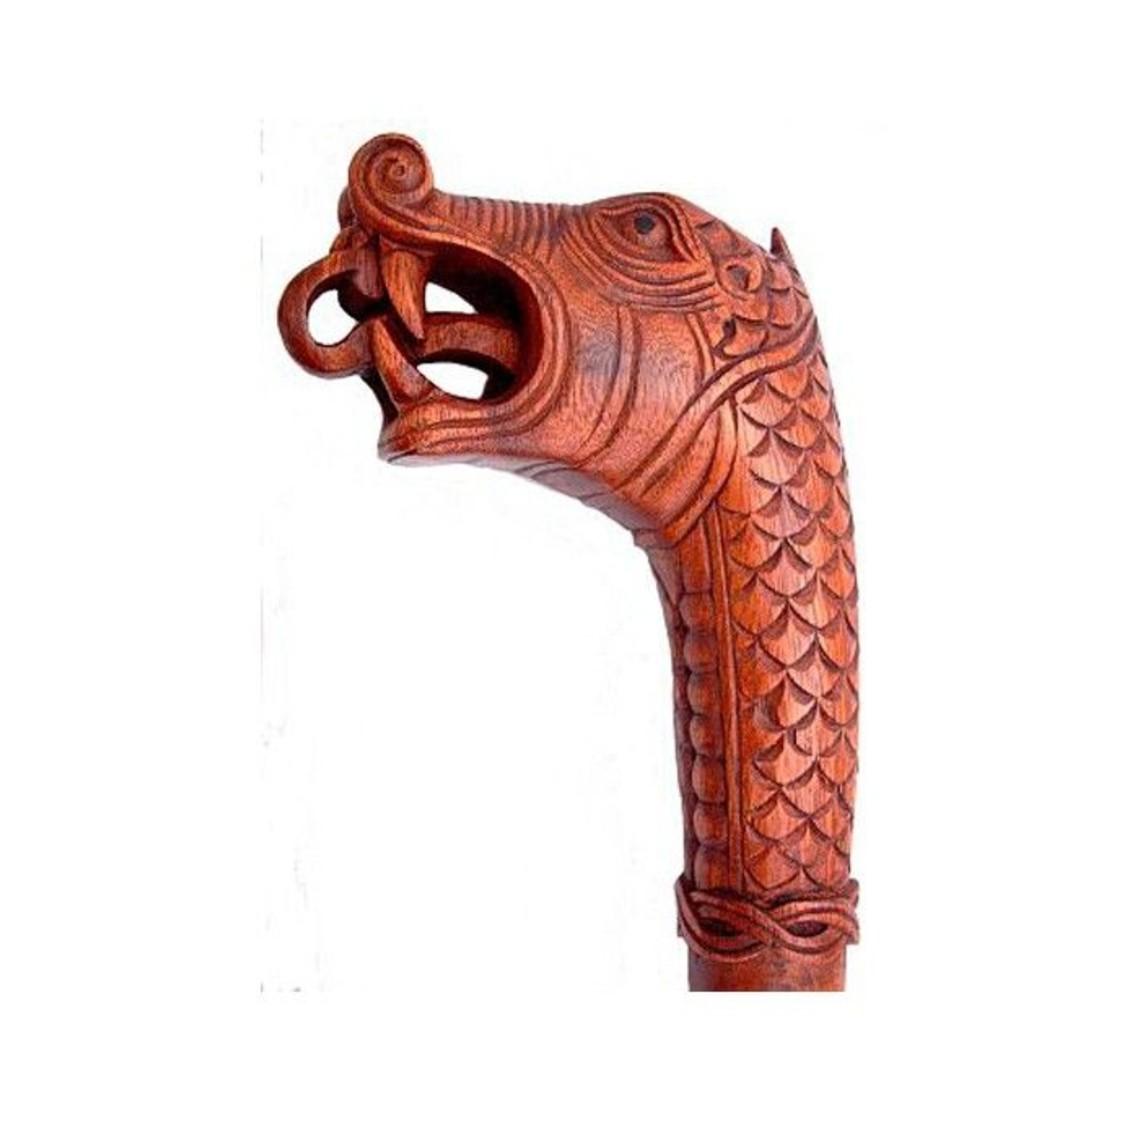 Bâton de marche en bois avec serpent Midgard